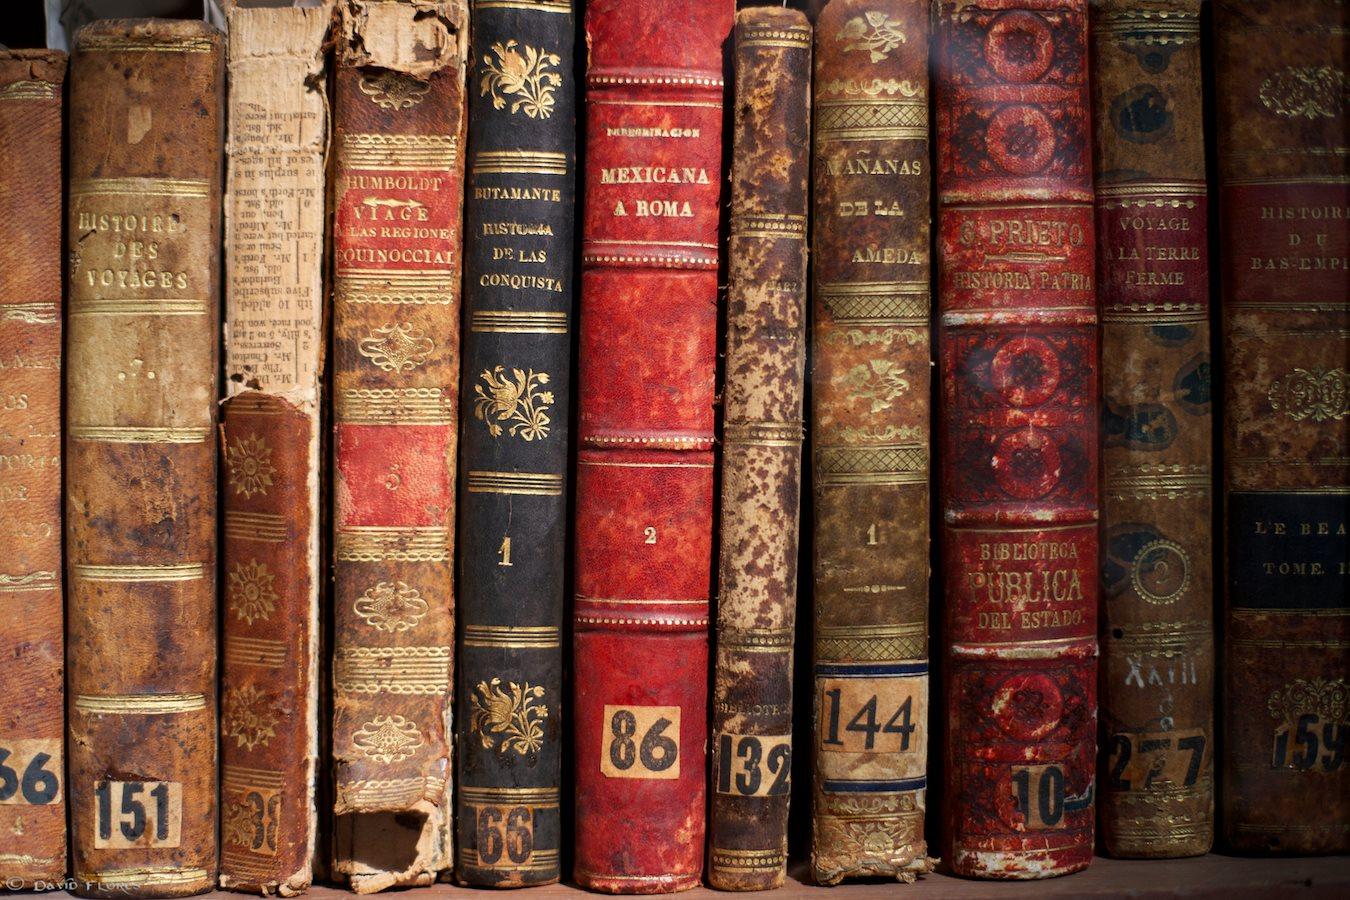 libros-viejos-230813.jpg